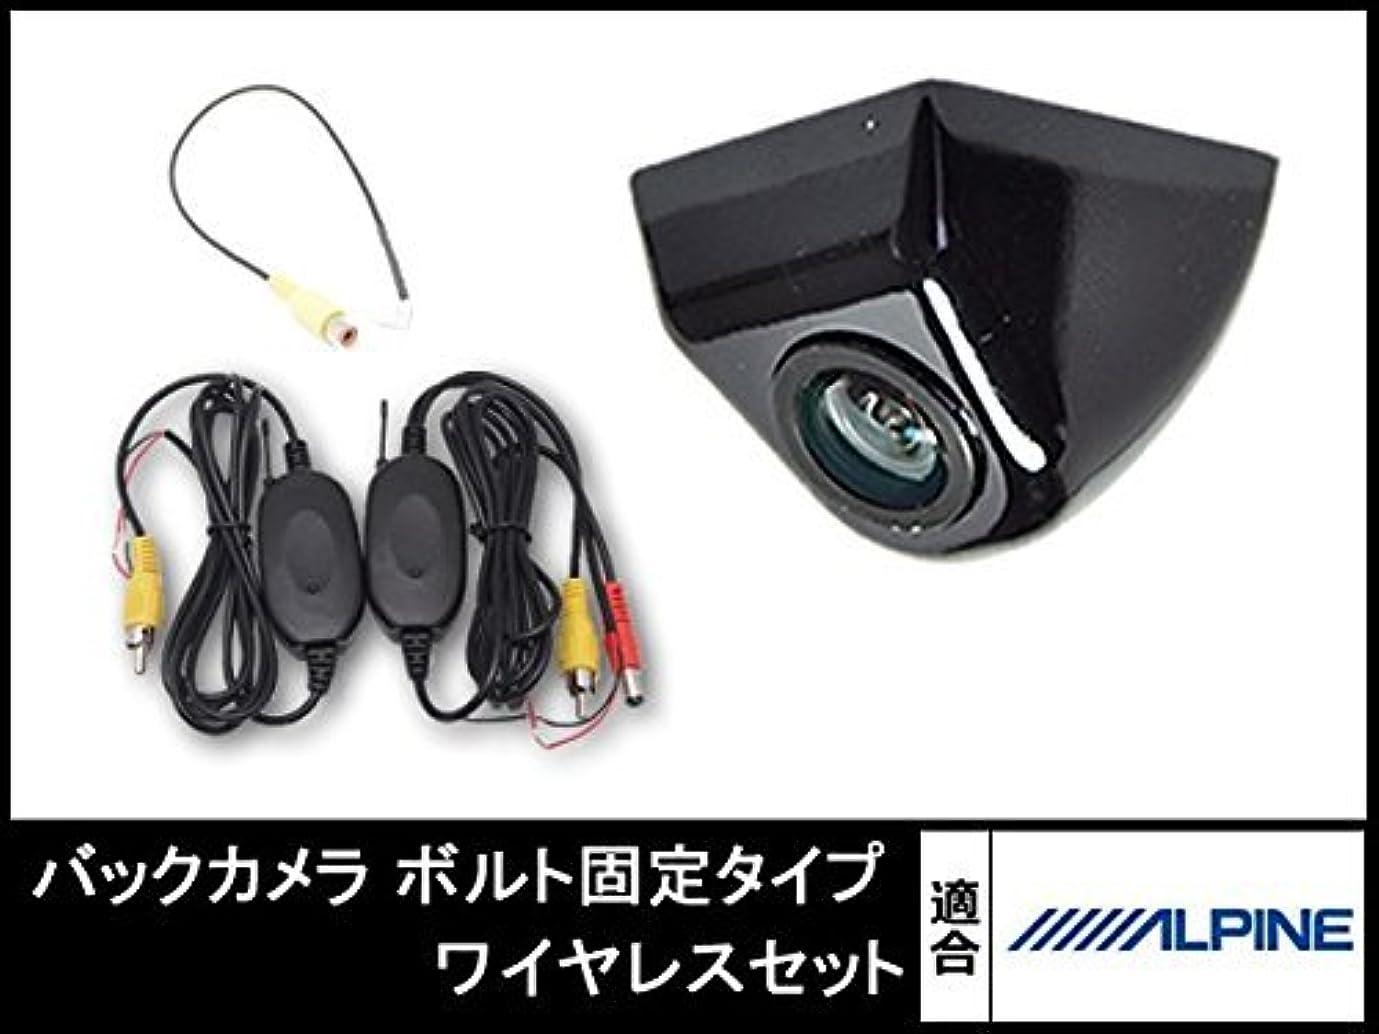 可能にする同僚仕事に行くハイエース 専用設計ナビ X008V-HI 対応 高画質 バックカメラ ボルト固定タイプ ブラック 車載用 広角170° 超高精細 CMOS センサー 【ワイヤレスキット付】